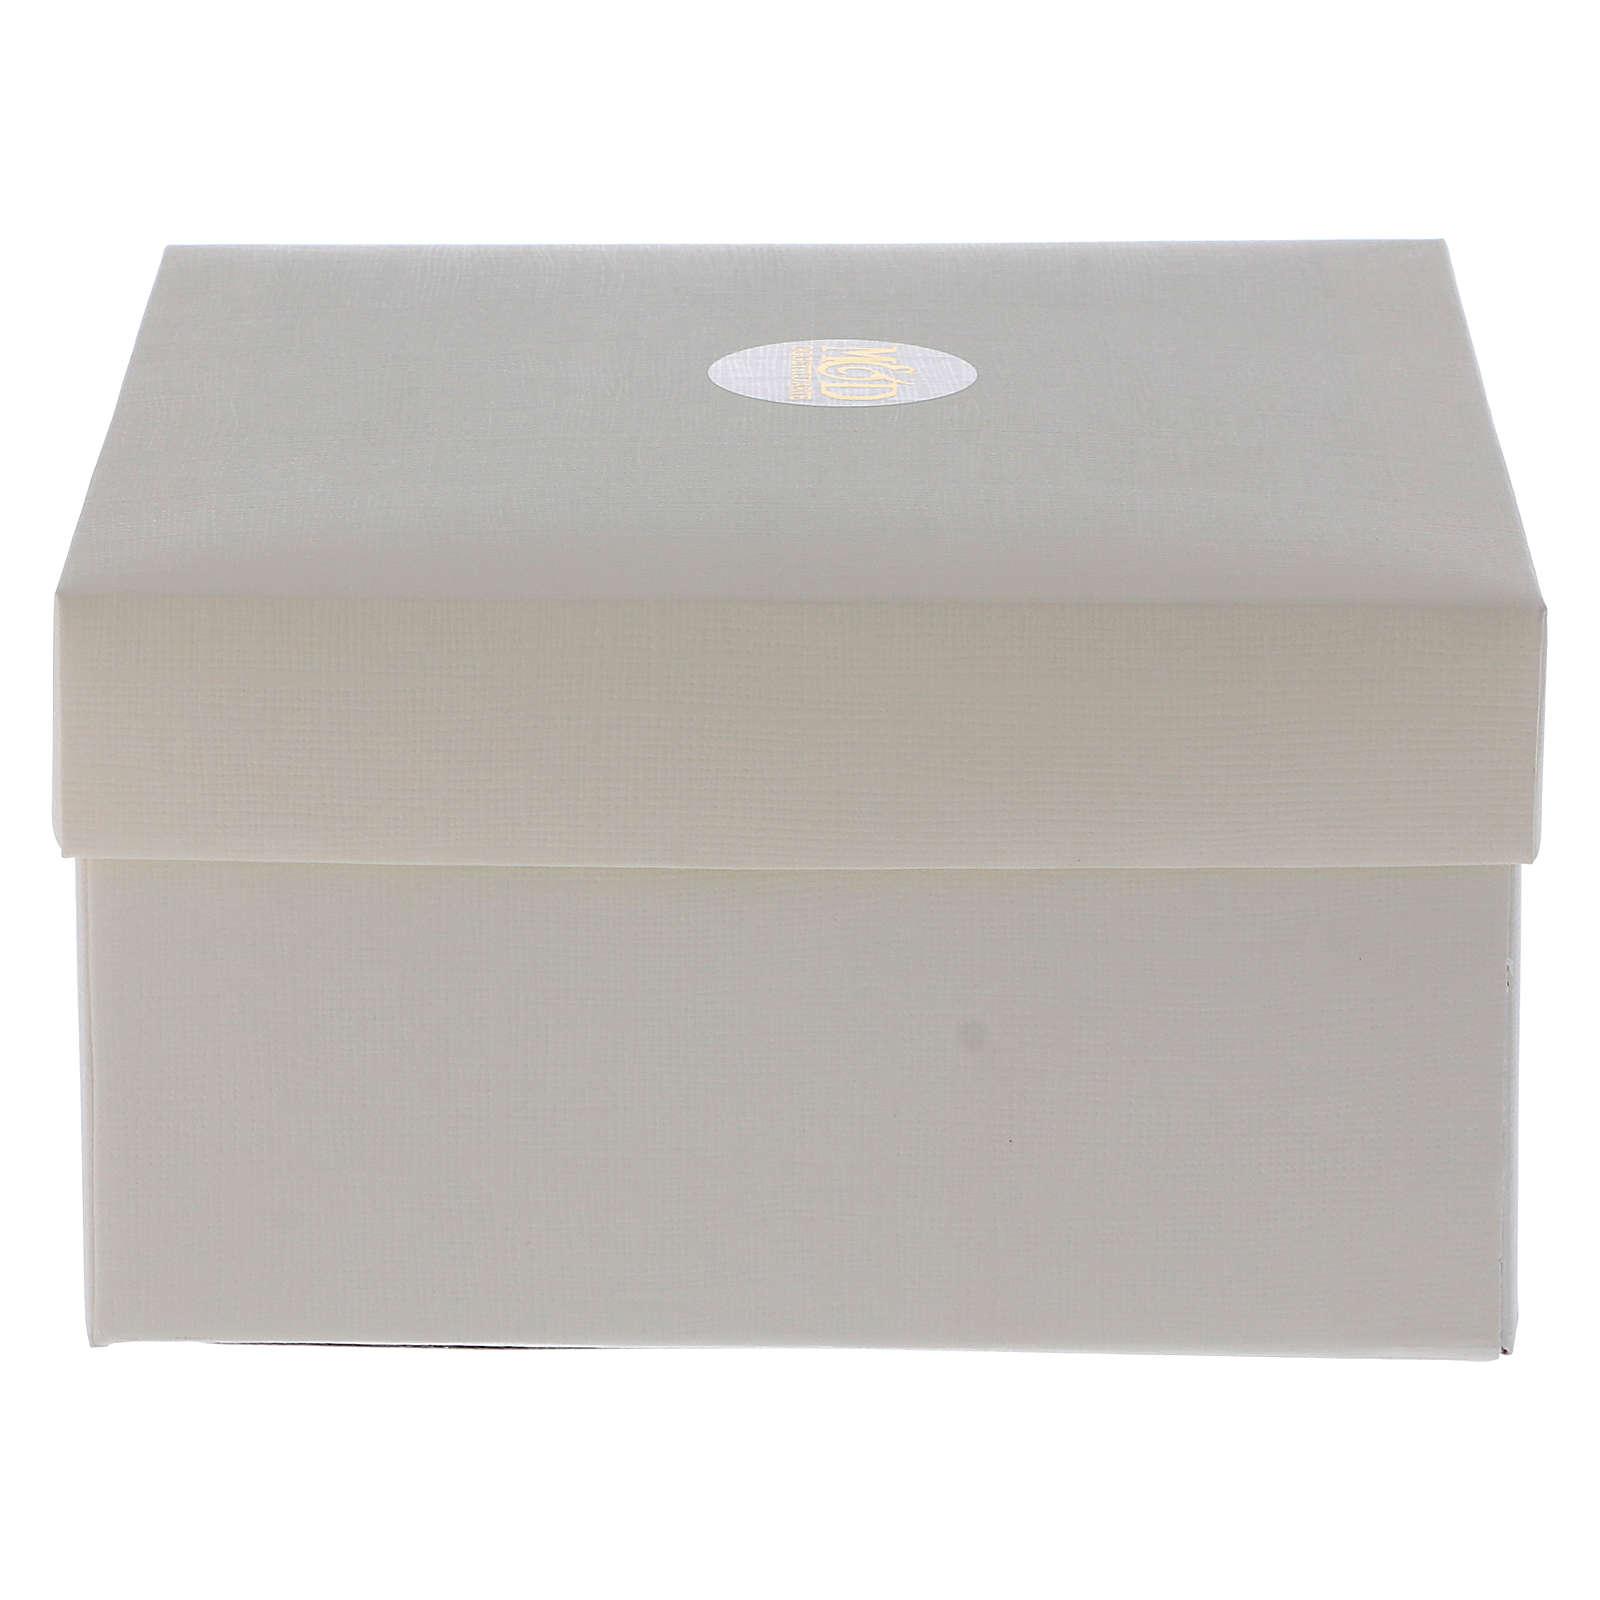 Souvenir de la Communion boîte 5x5x5 cm avec bougie 4